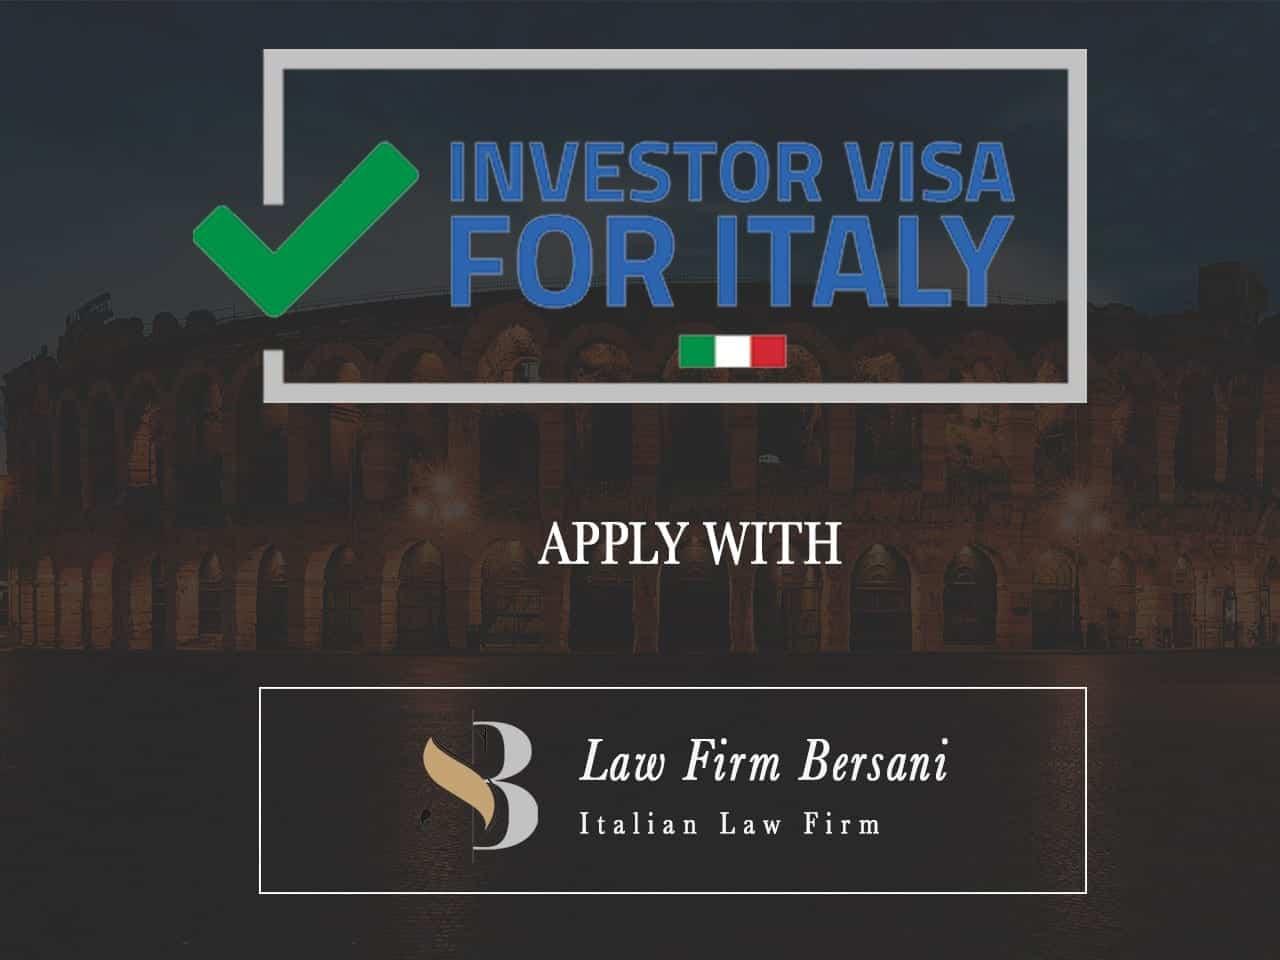 italy golden visa investor-golden-visa-italy-investor-visa-itay-investment-visa